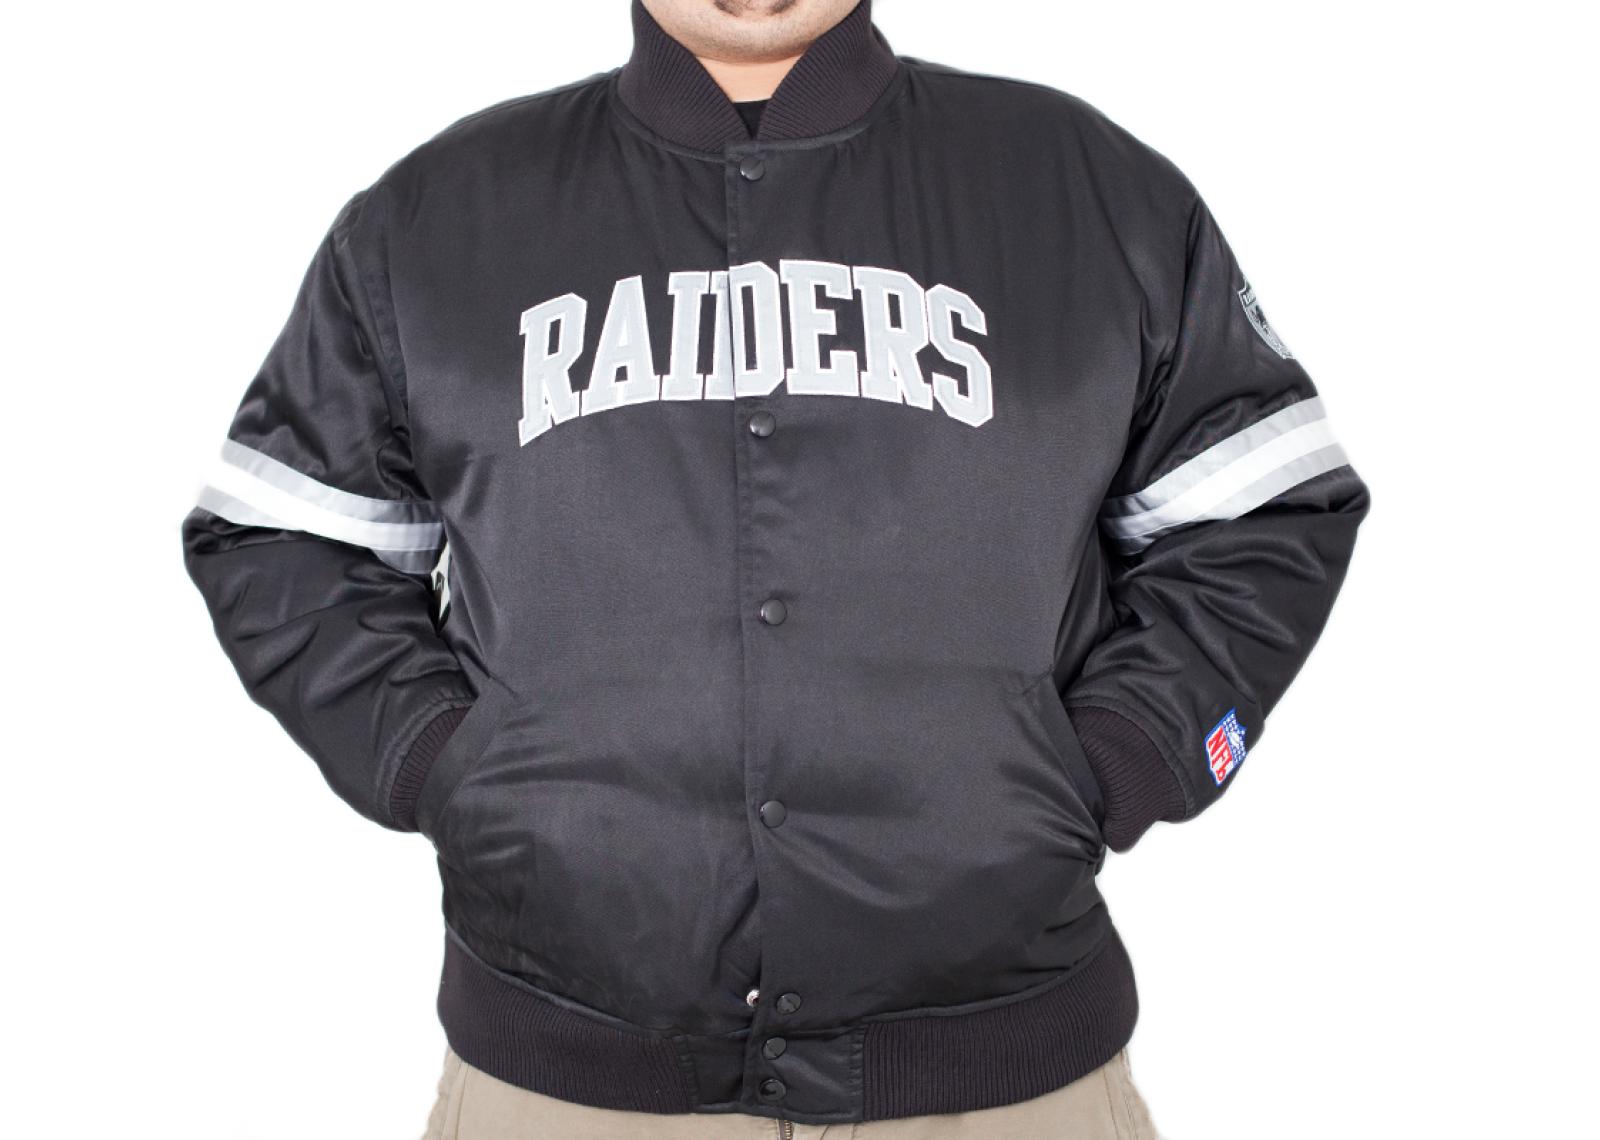 Raiders Bomber Jacket | Raiders Varsity Jacket | Majestic Raiders Jacket